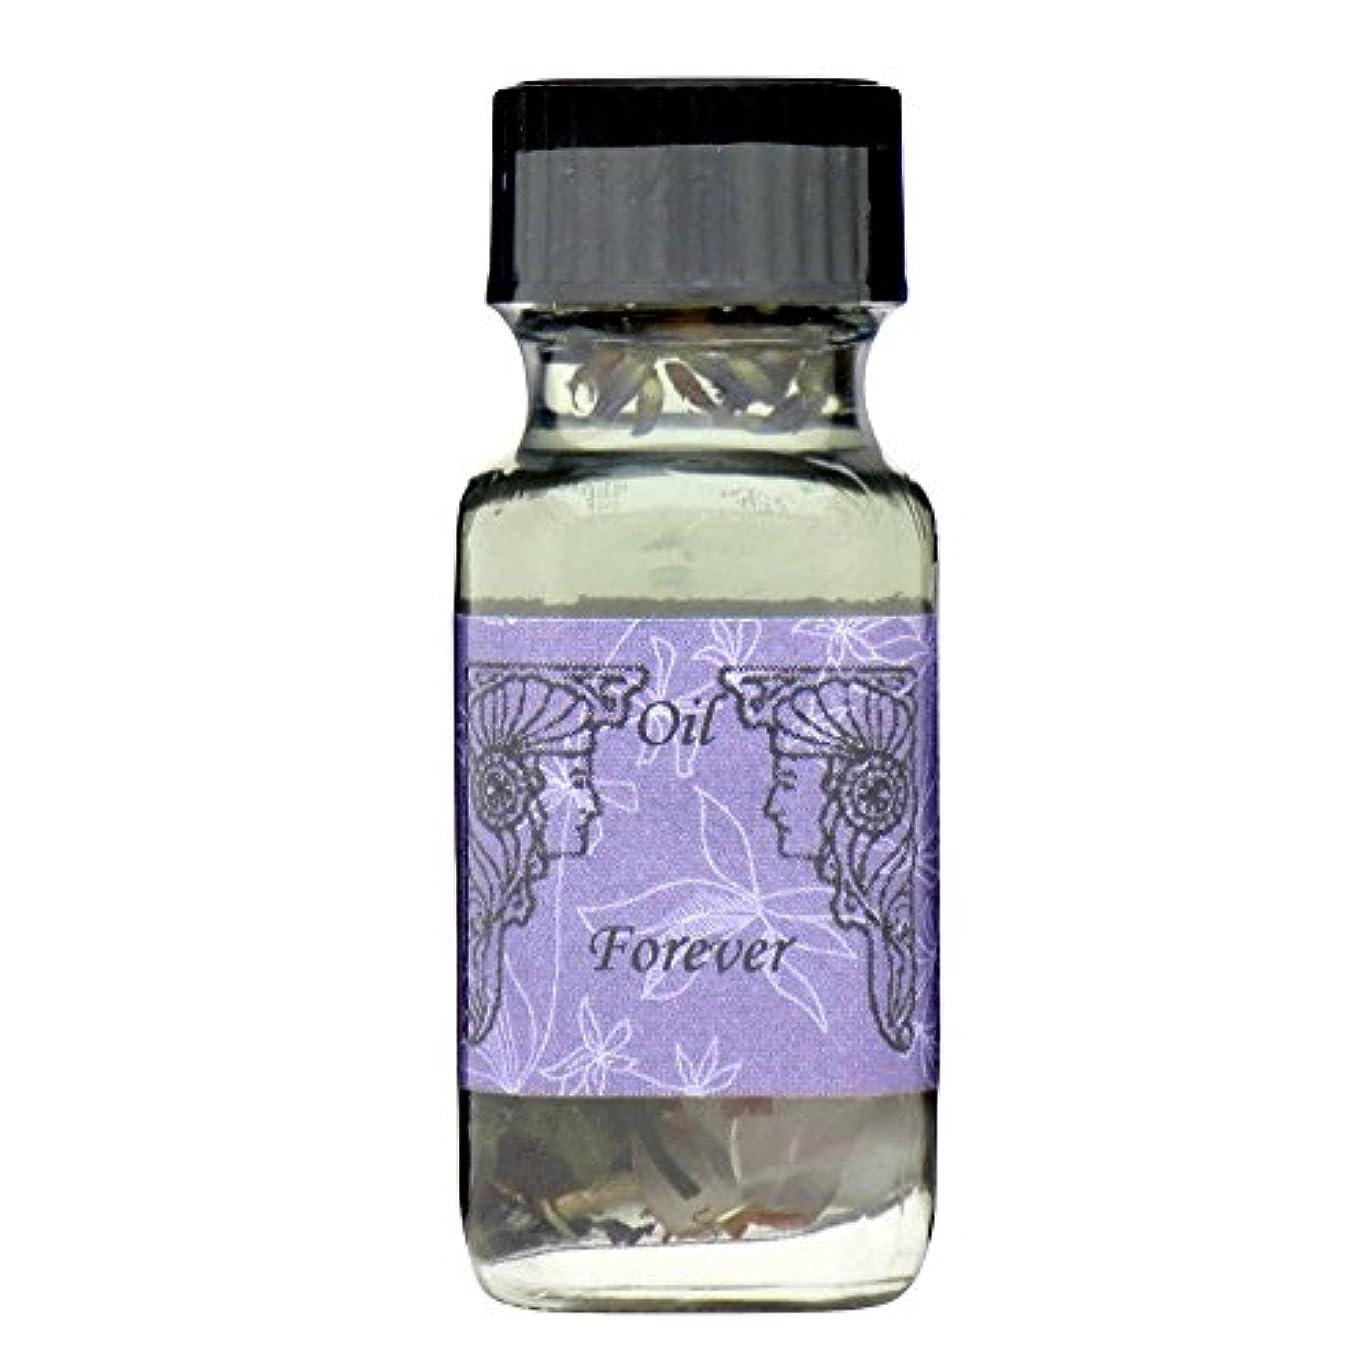 宝石墓これまでアンシェントメモリーオイル フォーエバー (永続的な関係) 15ml (Ancient Memory Oils)